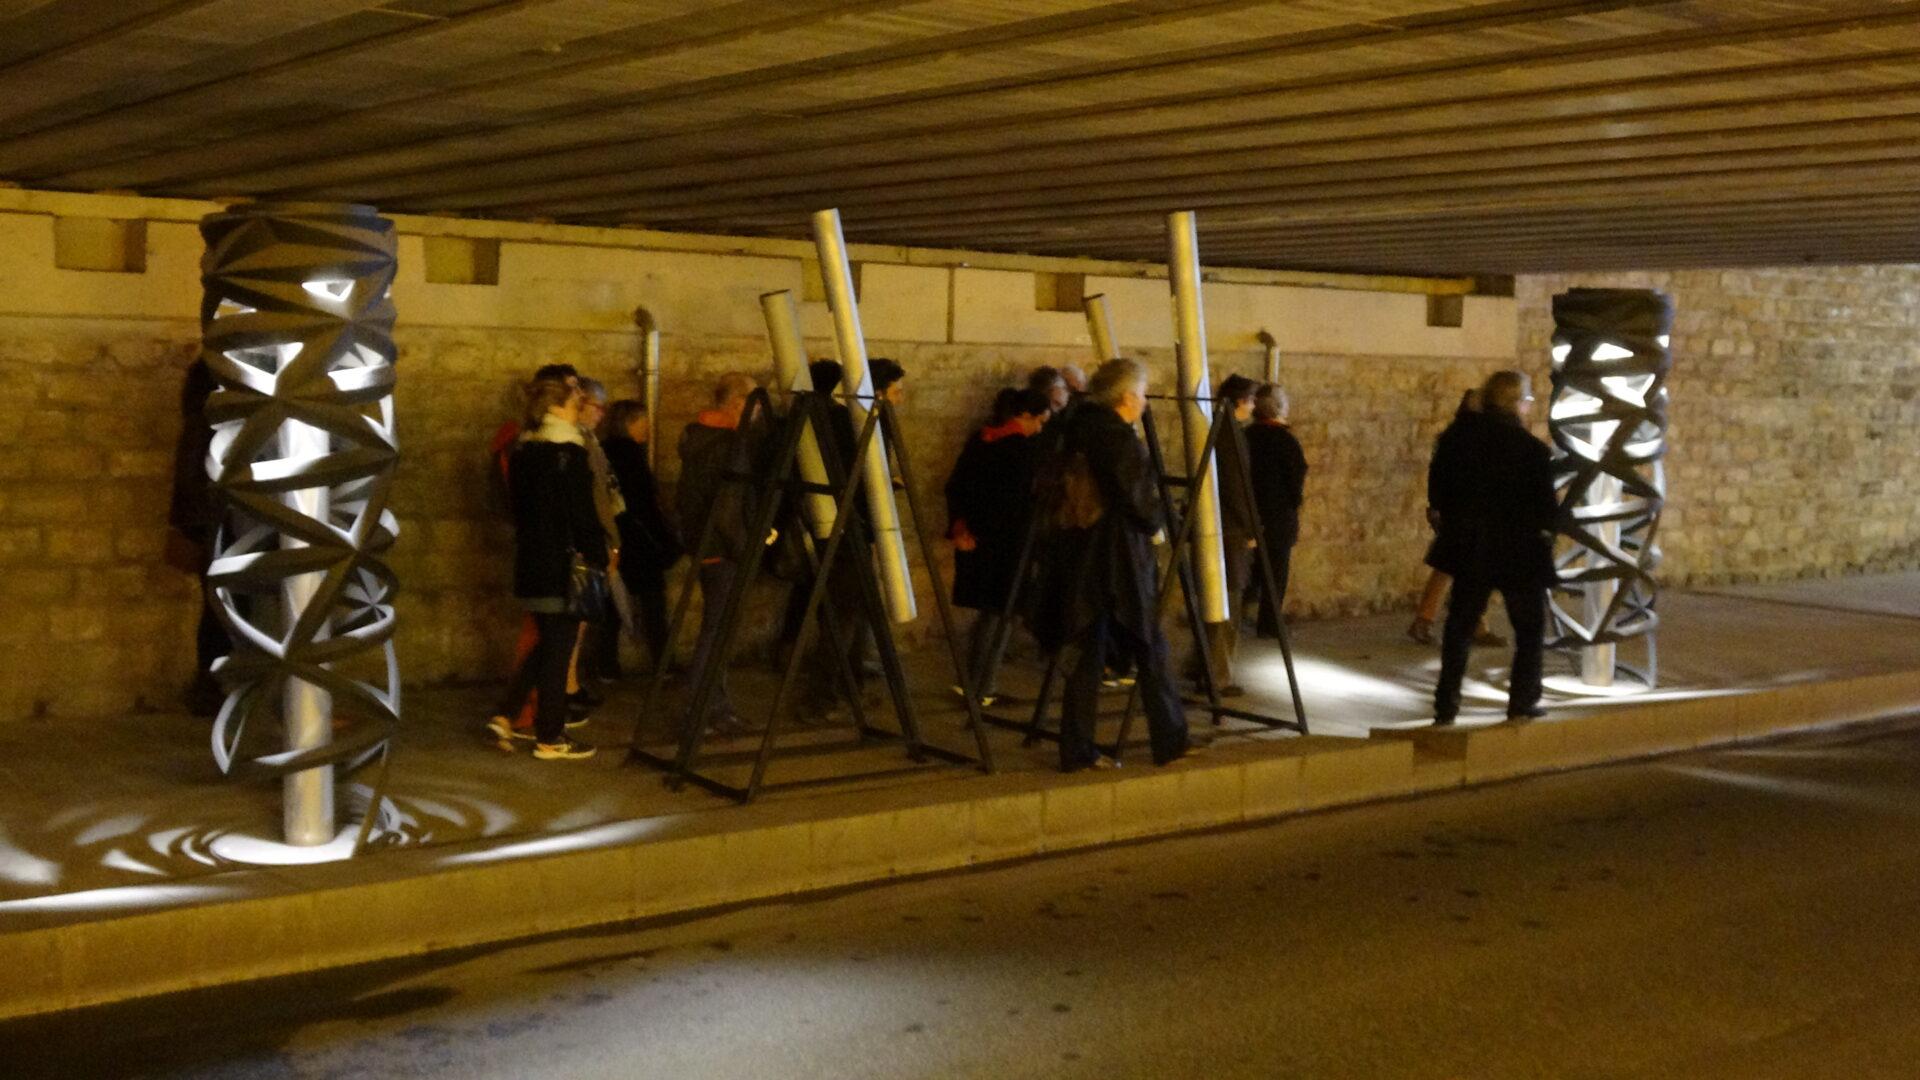 Photographie public circulant sur un trottoir d'une rue souterraine entre des lamapaires entourant des tubes gris sur support